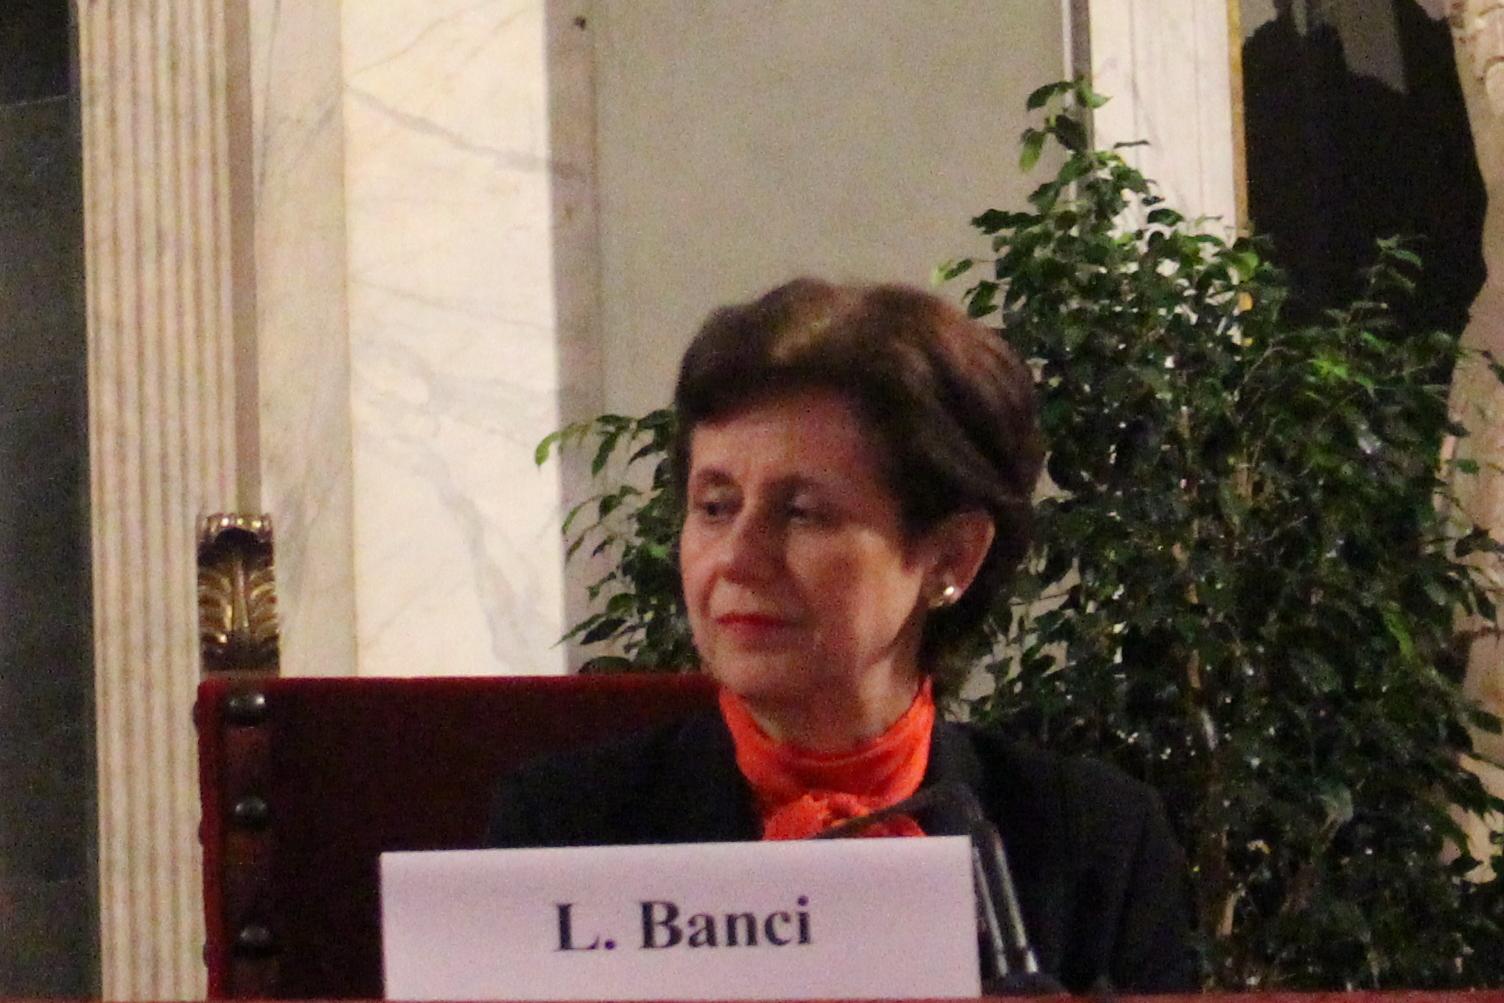 image of Lucia Banci